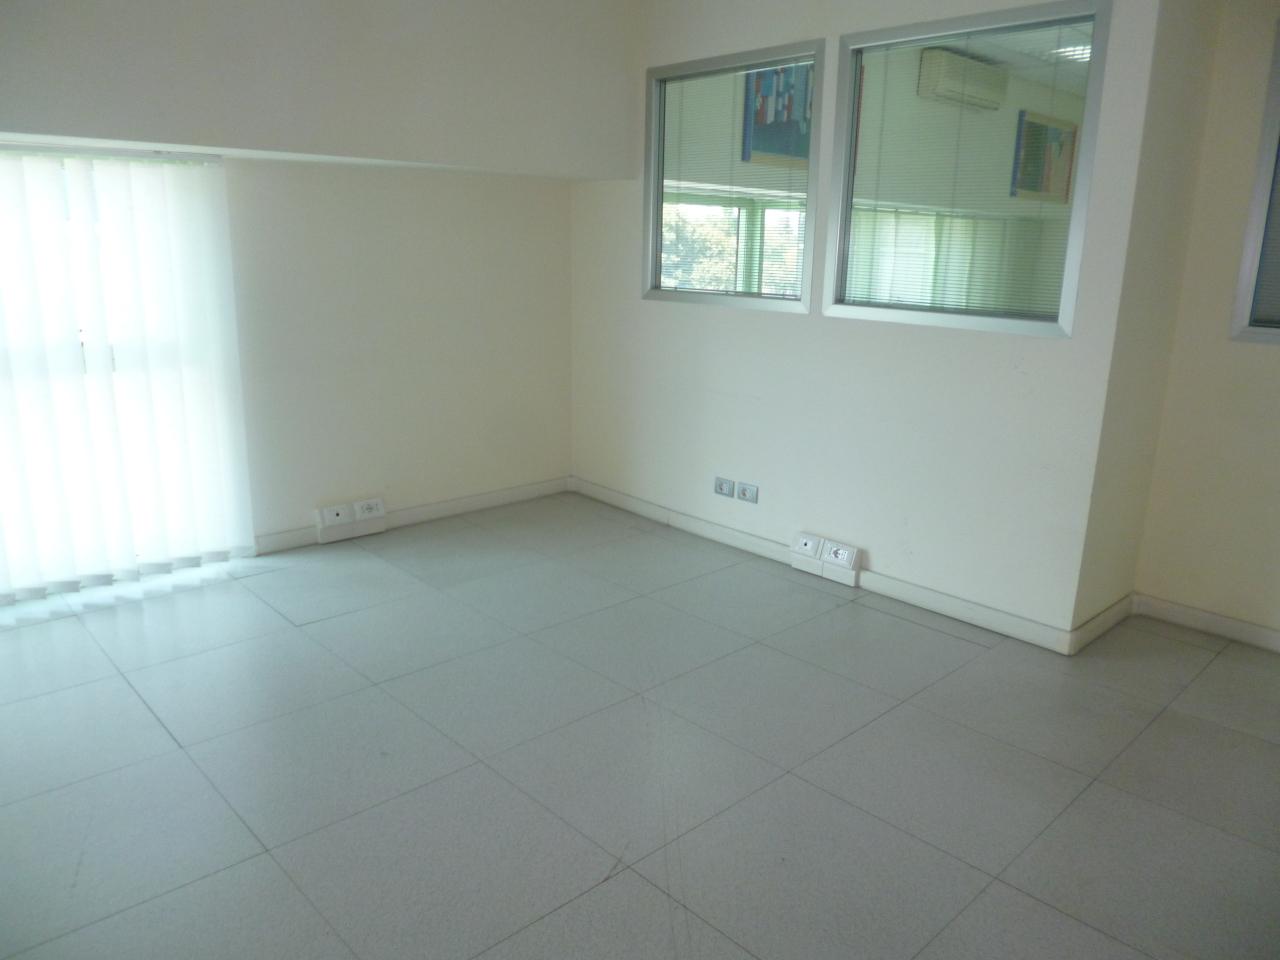 Ufficio / Studio in affitto a Livorno, 4 locali, prezzo € 750 | Cambio Casa.it